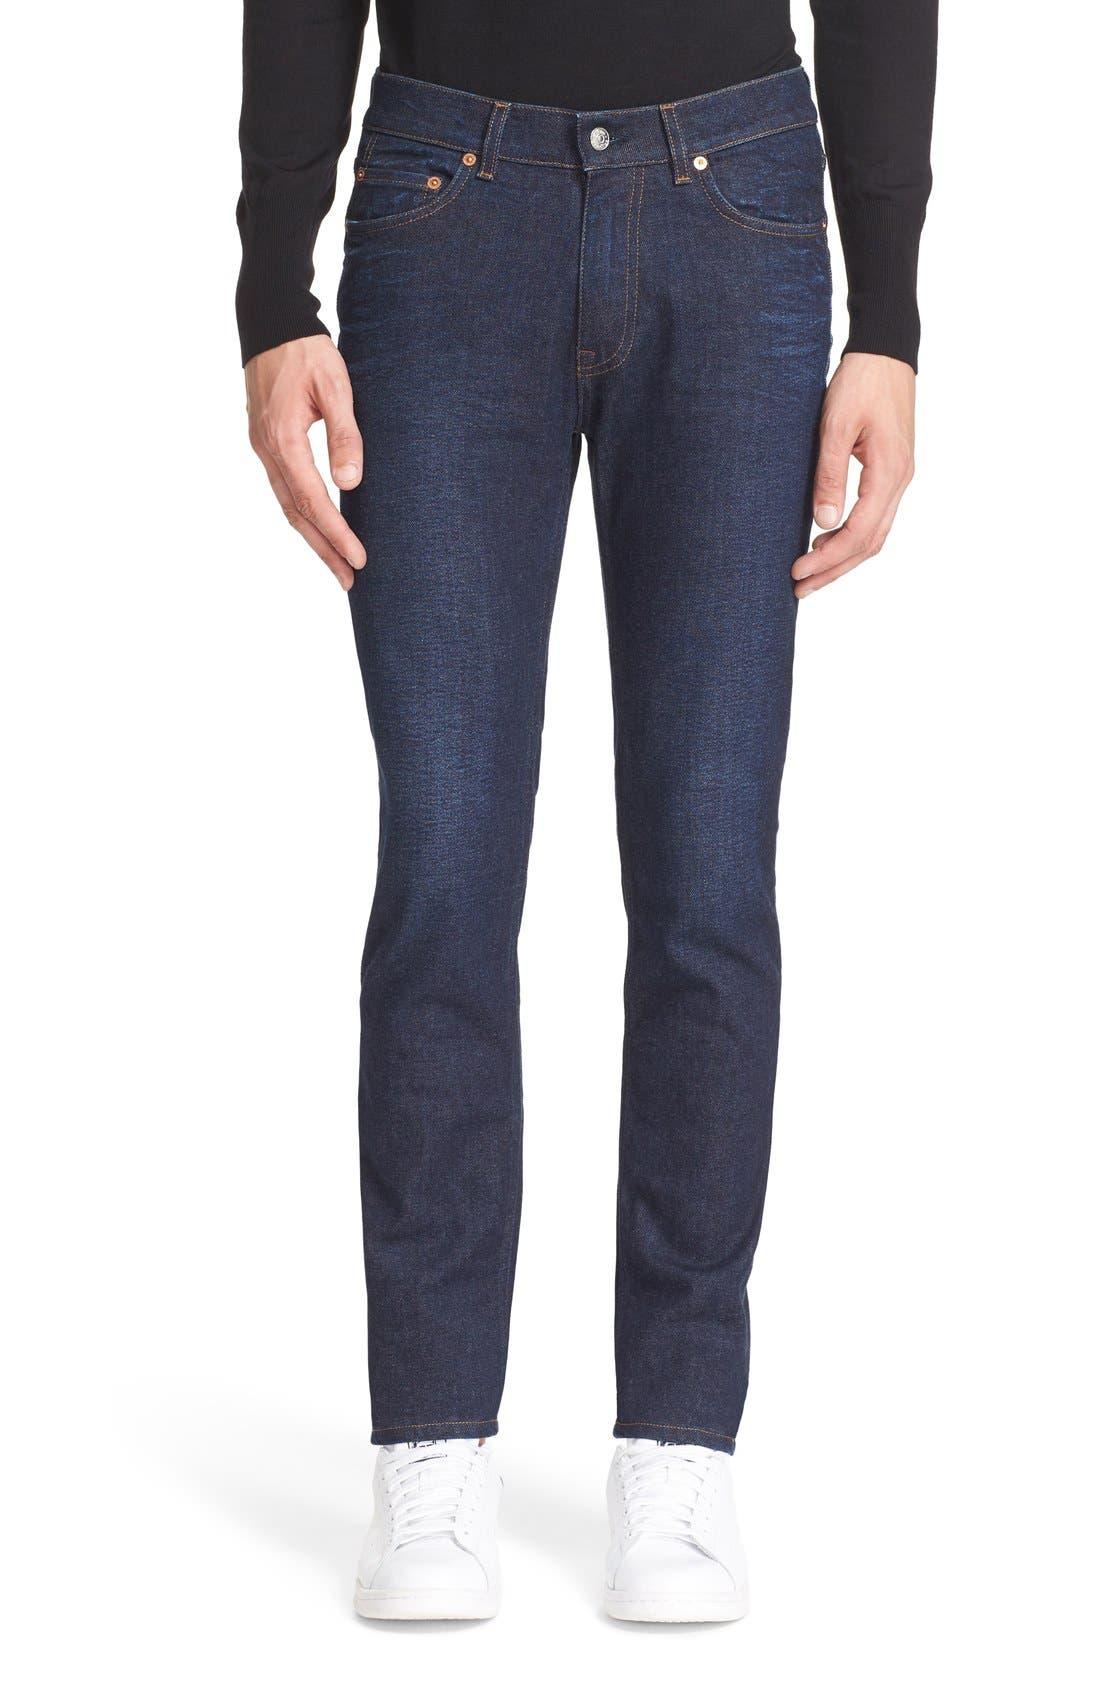 Ace Slim Fit Jeans,                             Main thumbnail 1, color,                             400